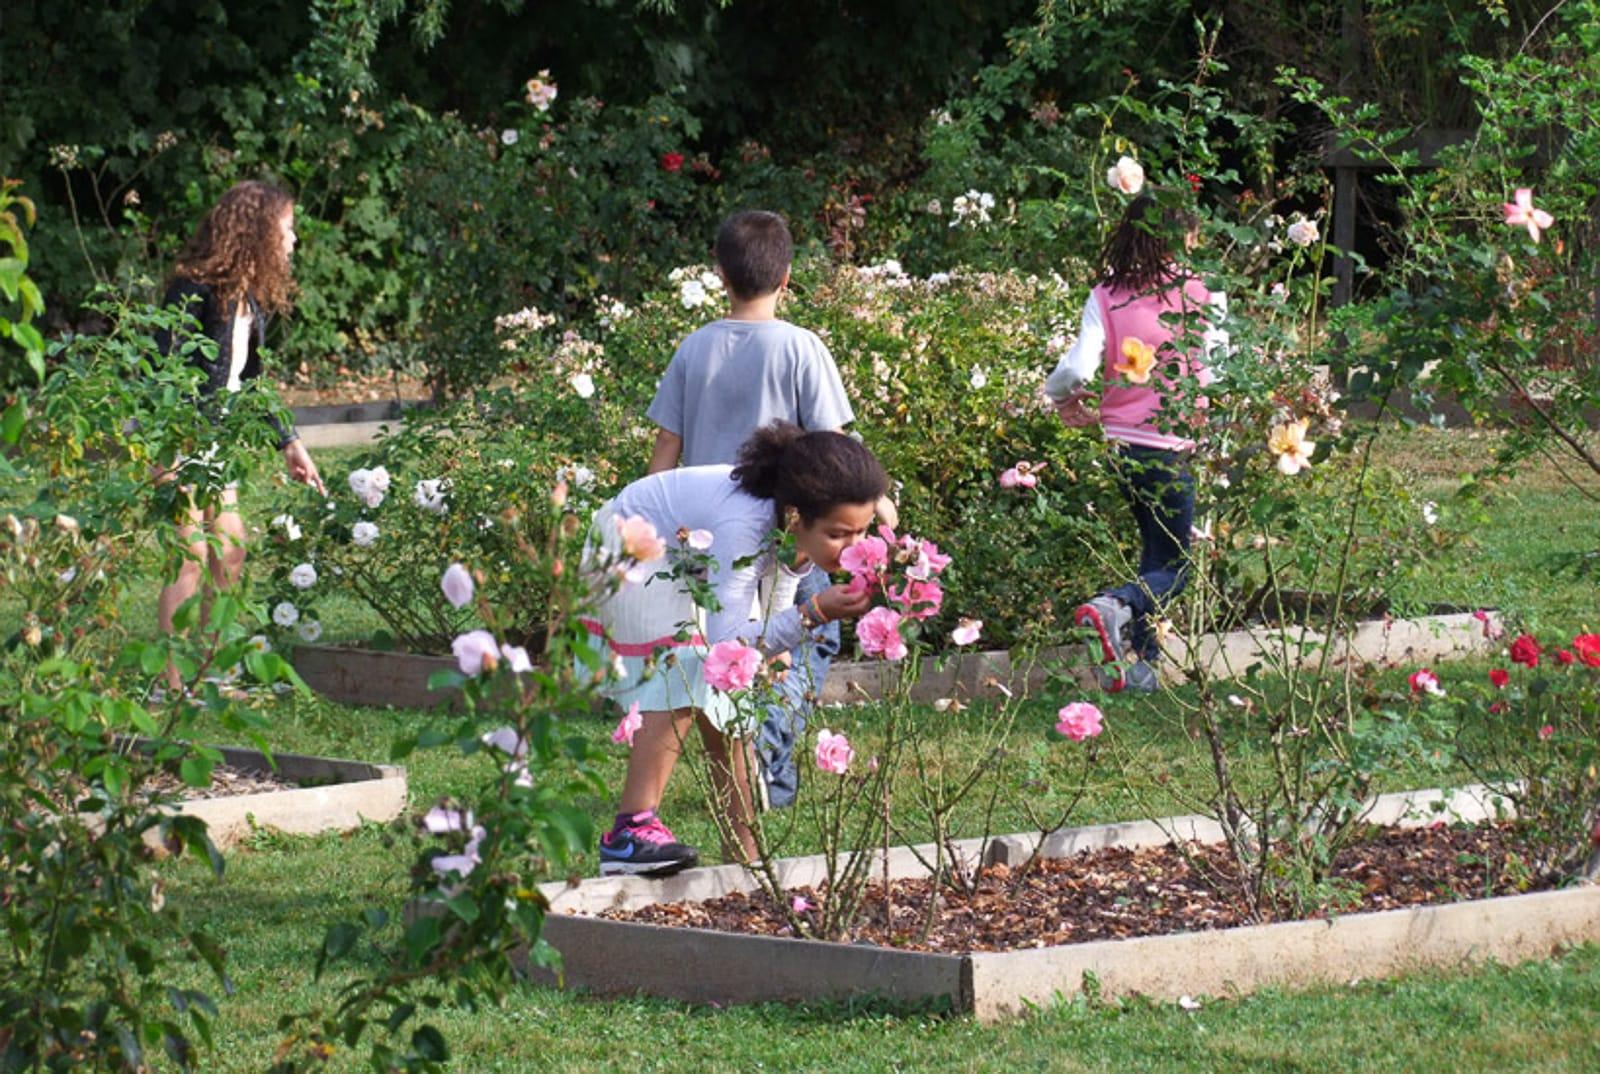 Visite parc des lilas les enfants du patrimoine un jardn dans ma main CAUE 94®Hermeline carpentier